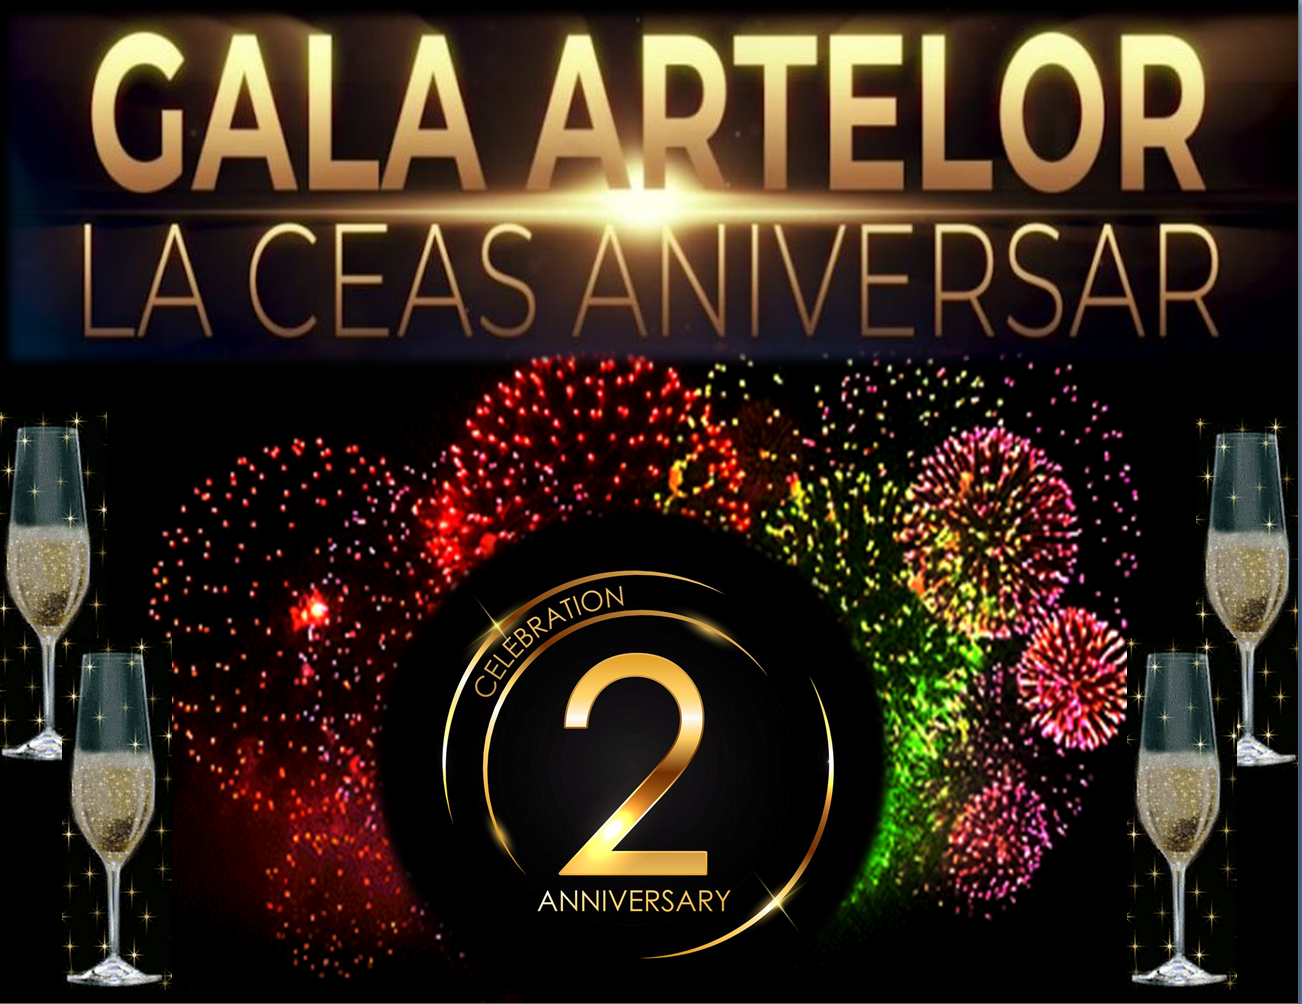 gala artelor la ceas aniversar editia a doua